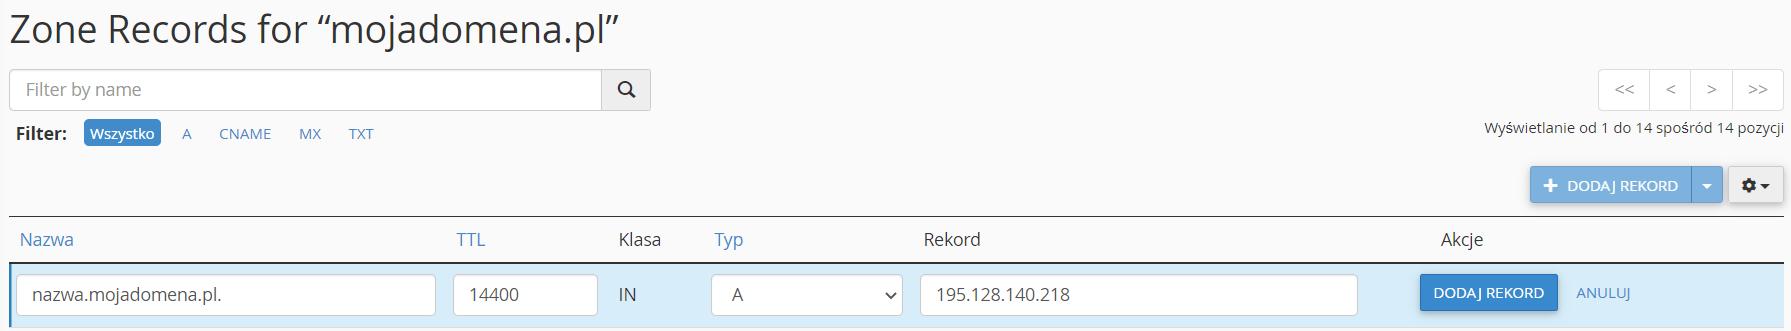 Podaj nazwę rekordu, wybierz typ rekordu A i wpisz adres IP, na który ma zostać skierowany rekord A.